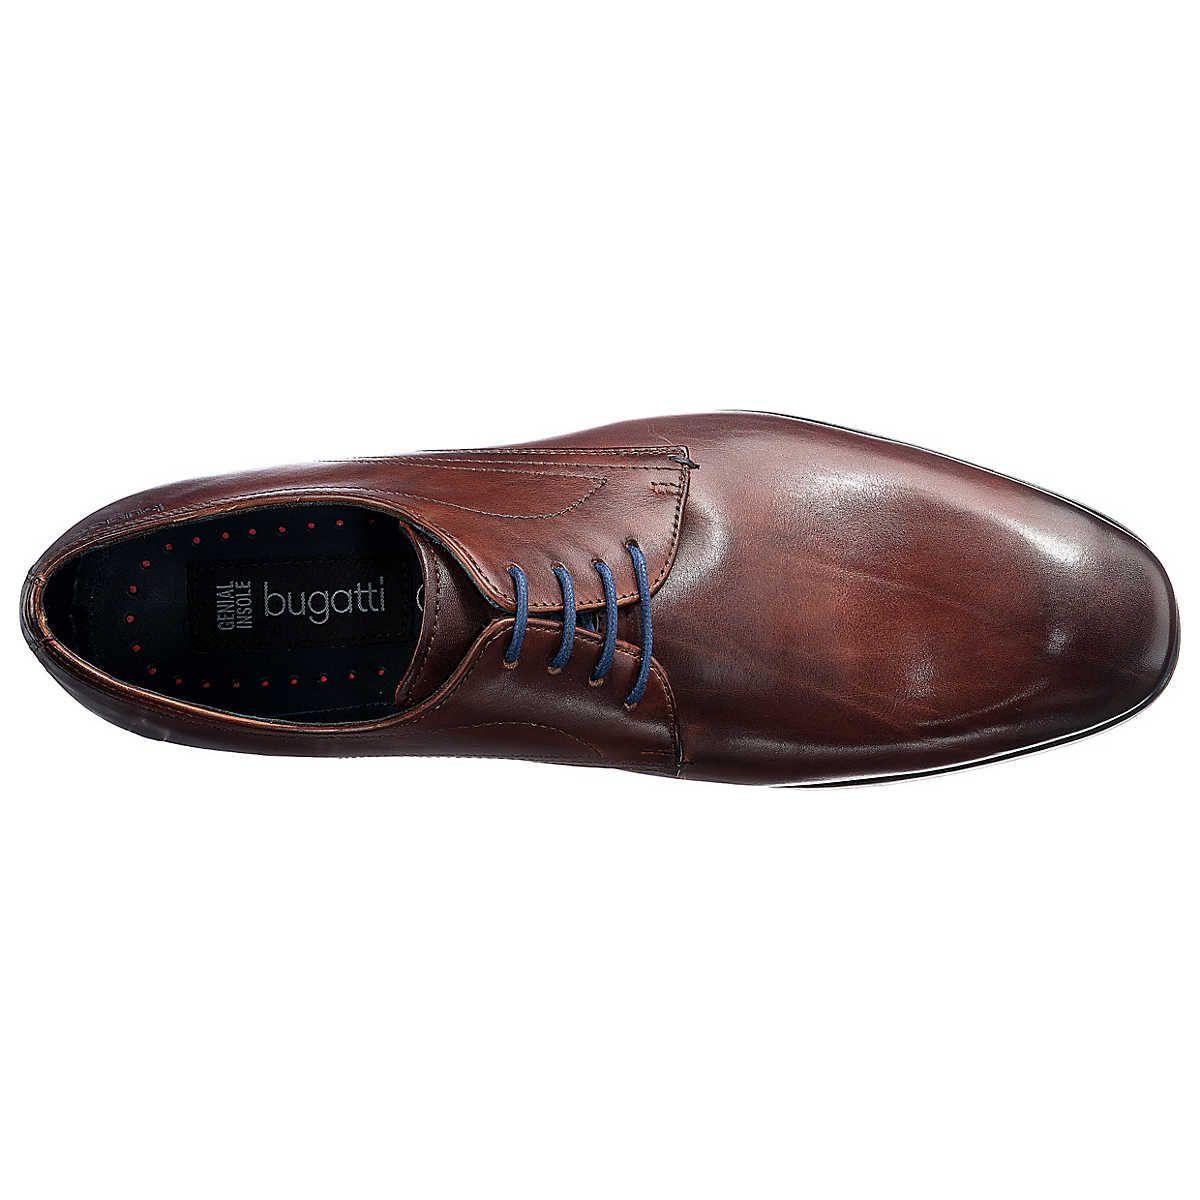 online retailer ceb04 3ee43 bugatti Business Schuhe | Reine Männersache | Business ...